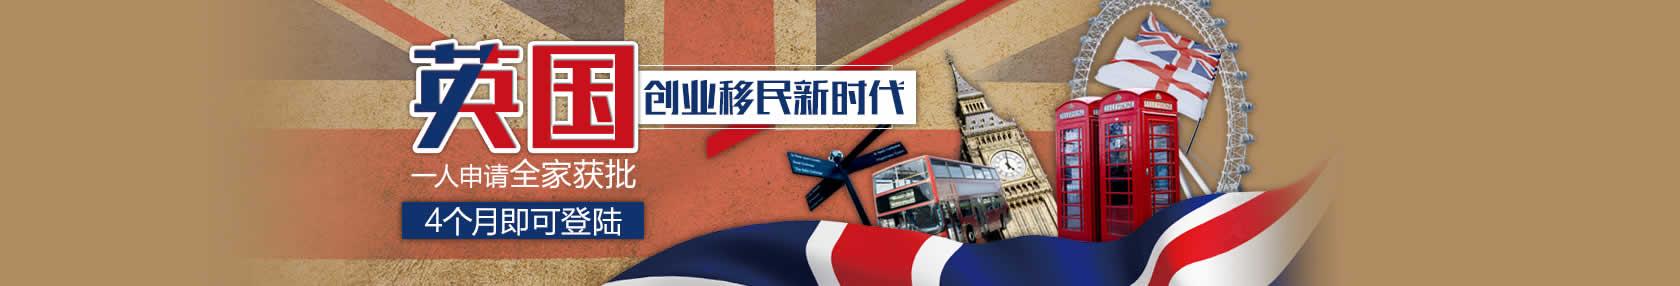 【环球移民】创业移民新时代,英国创业移民一人申请全家获批最快4个月即可登陆